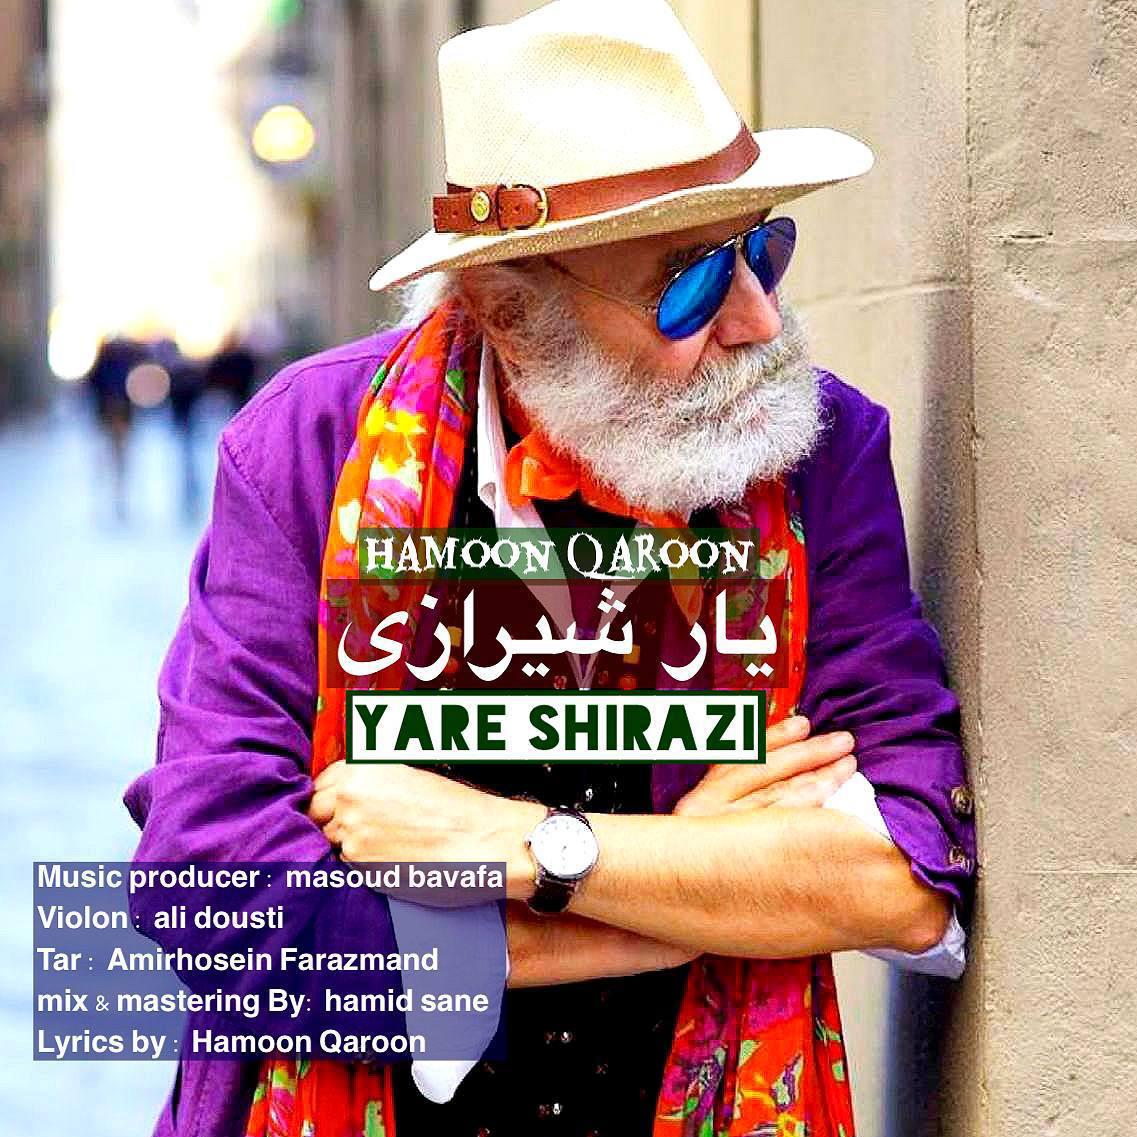 دانلود آهنگ هامون قارون یار شیرازی